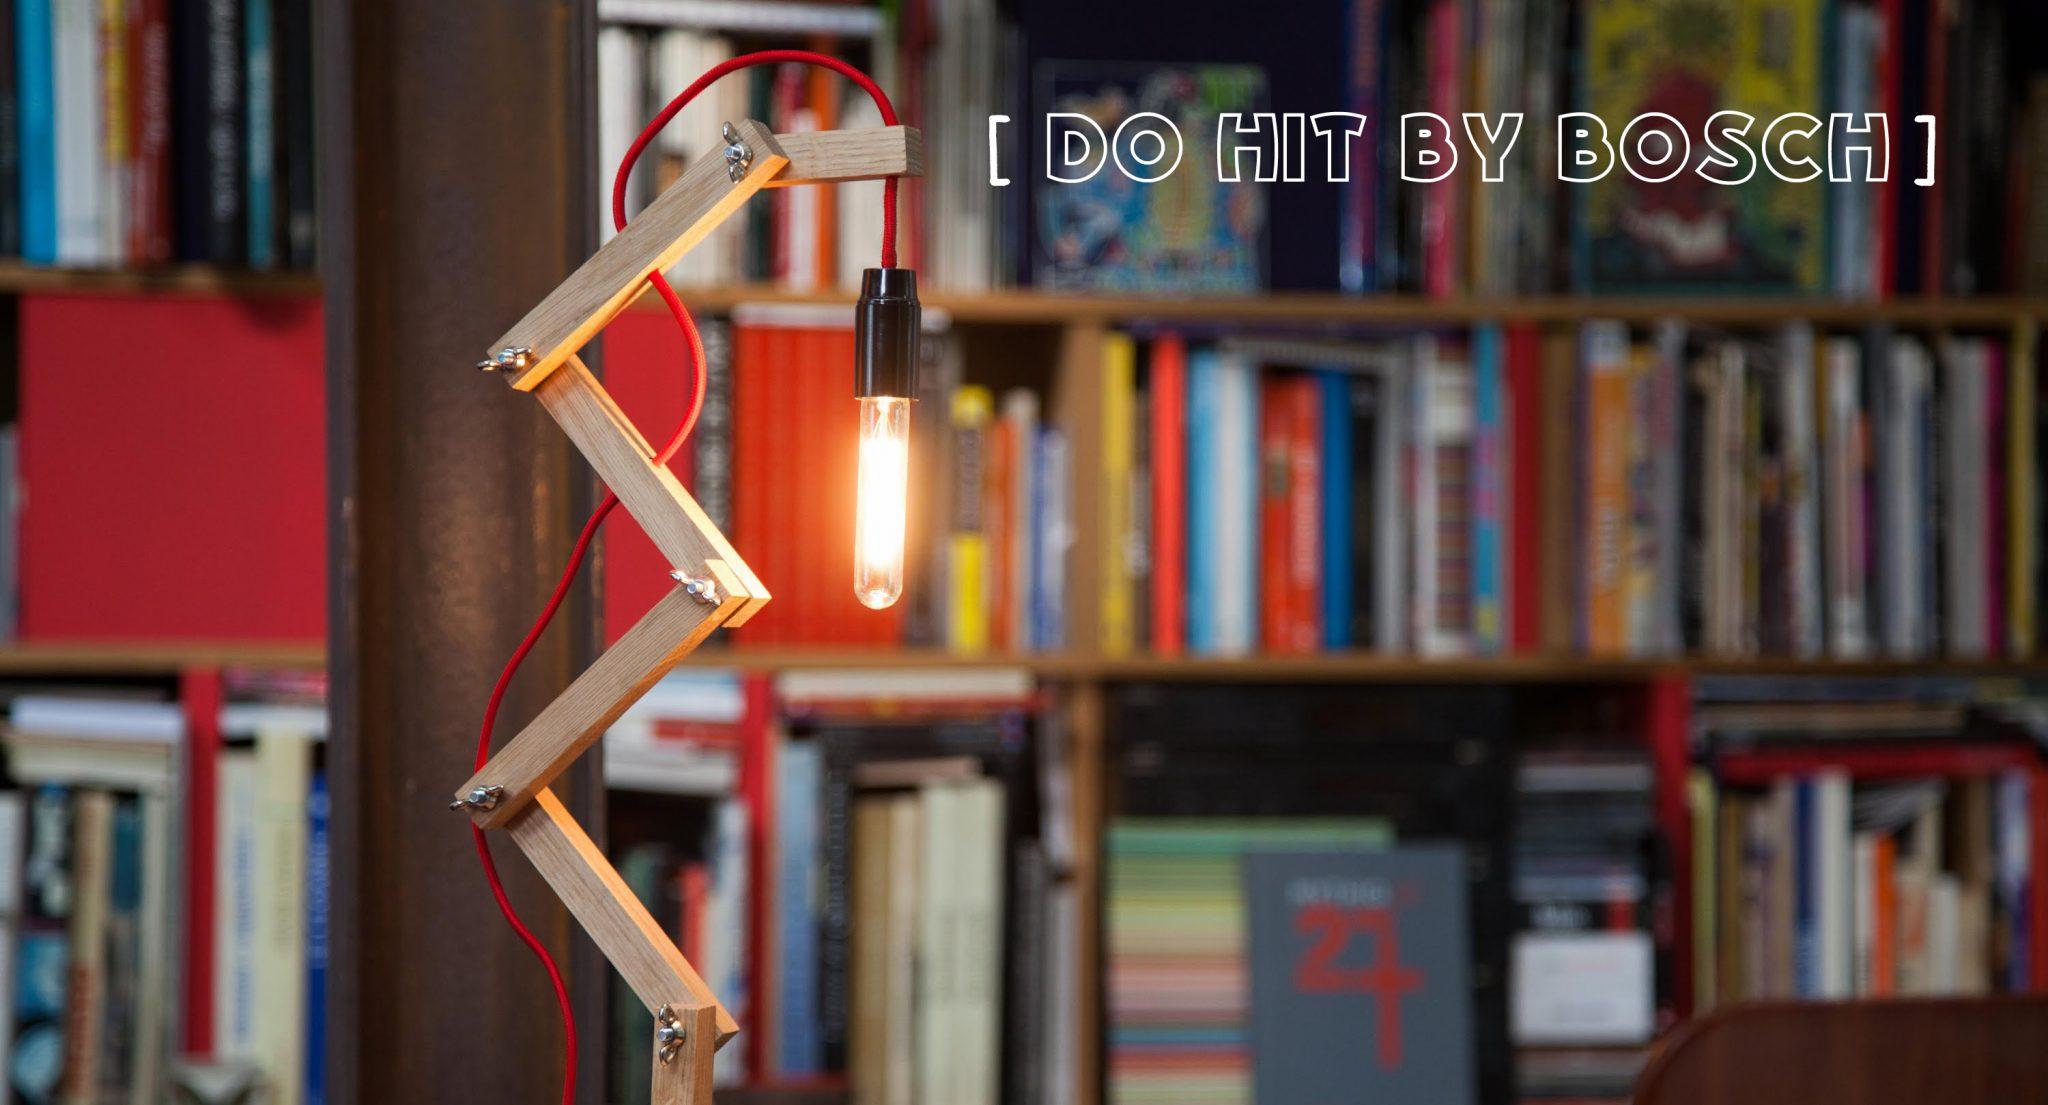 Do Hit By Bosch